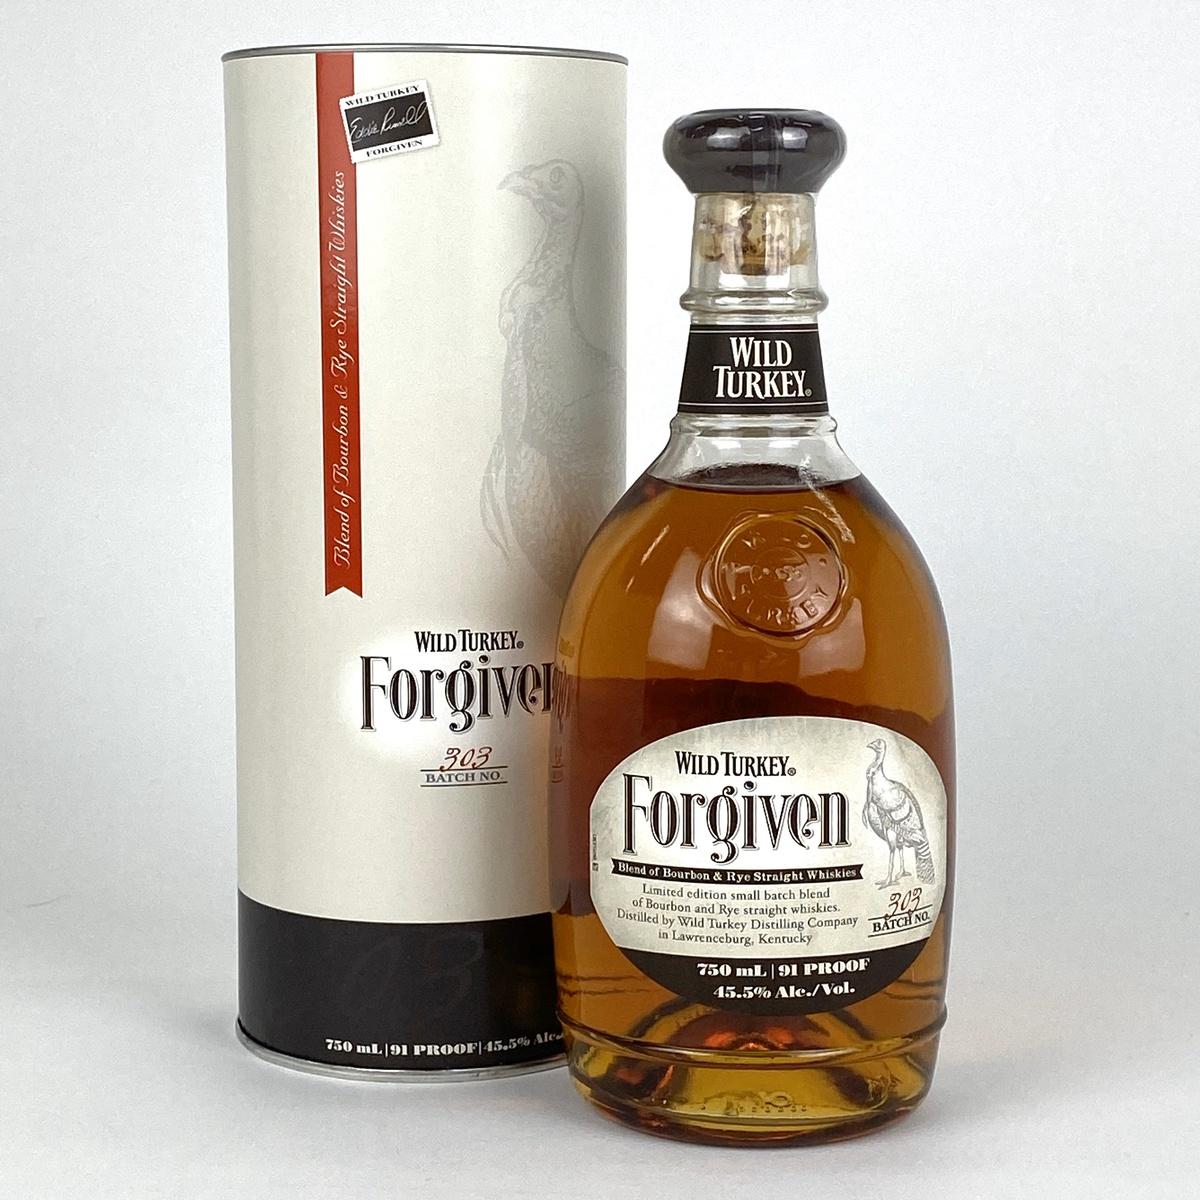 ワイルドターキー WILD TURKEY フォーギブン 750ml アメリカンウイスキー 【古酒】